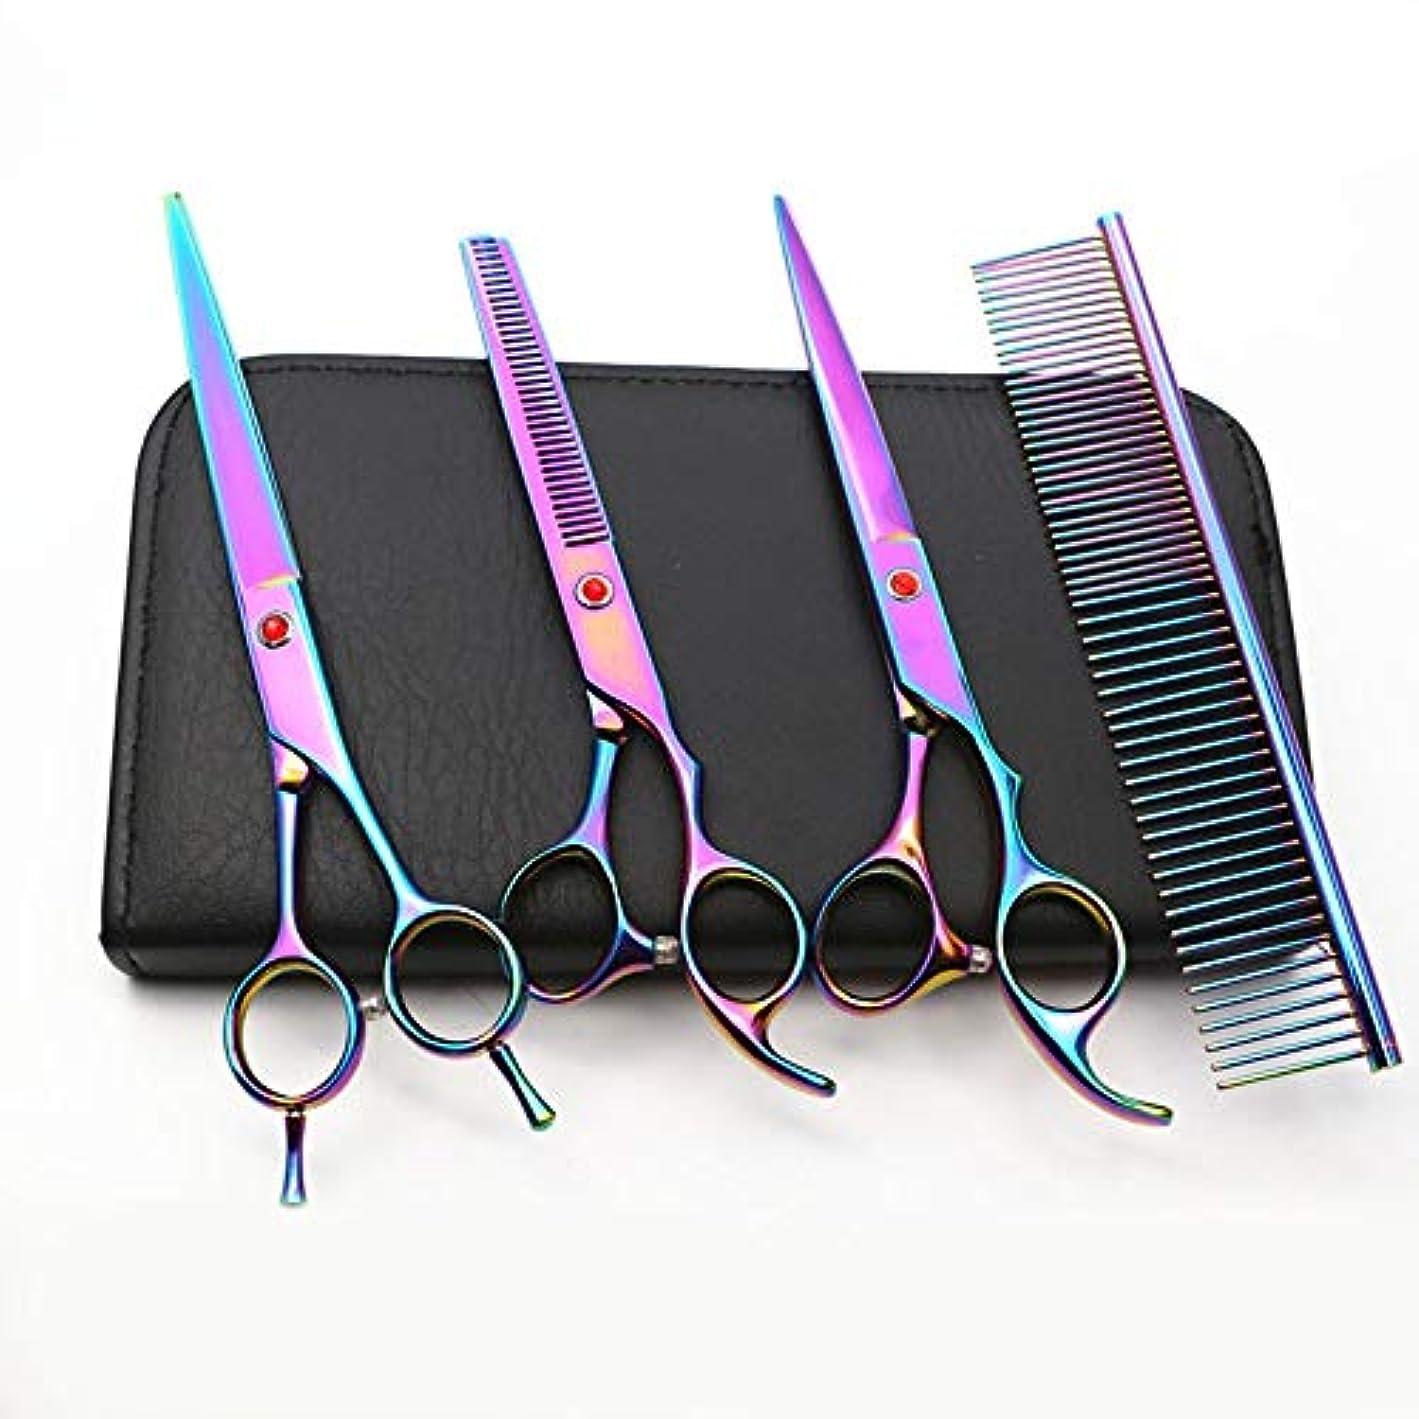 自分のためにリテラシー期限多彩なペット曲がるはさみ5部分セット、上限色ペット理髪はさみ ヘアケア (色 : Colors)